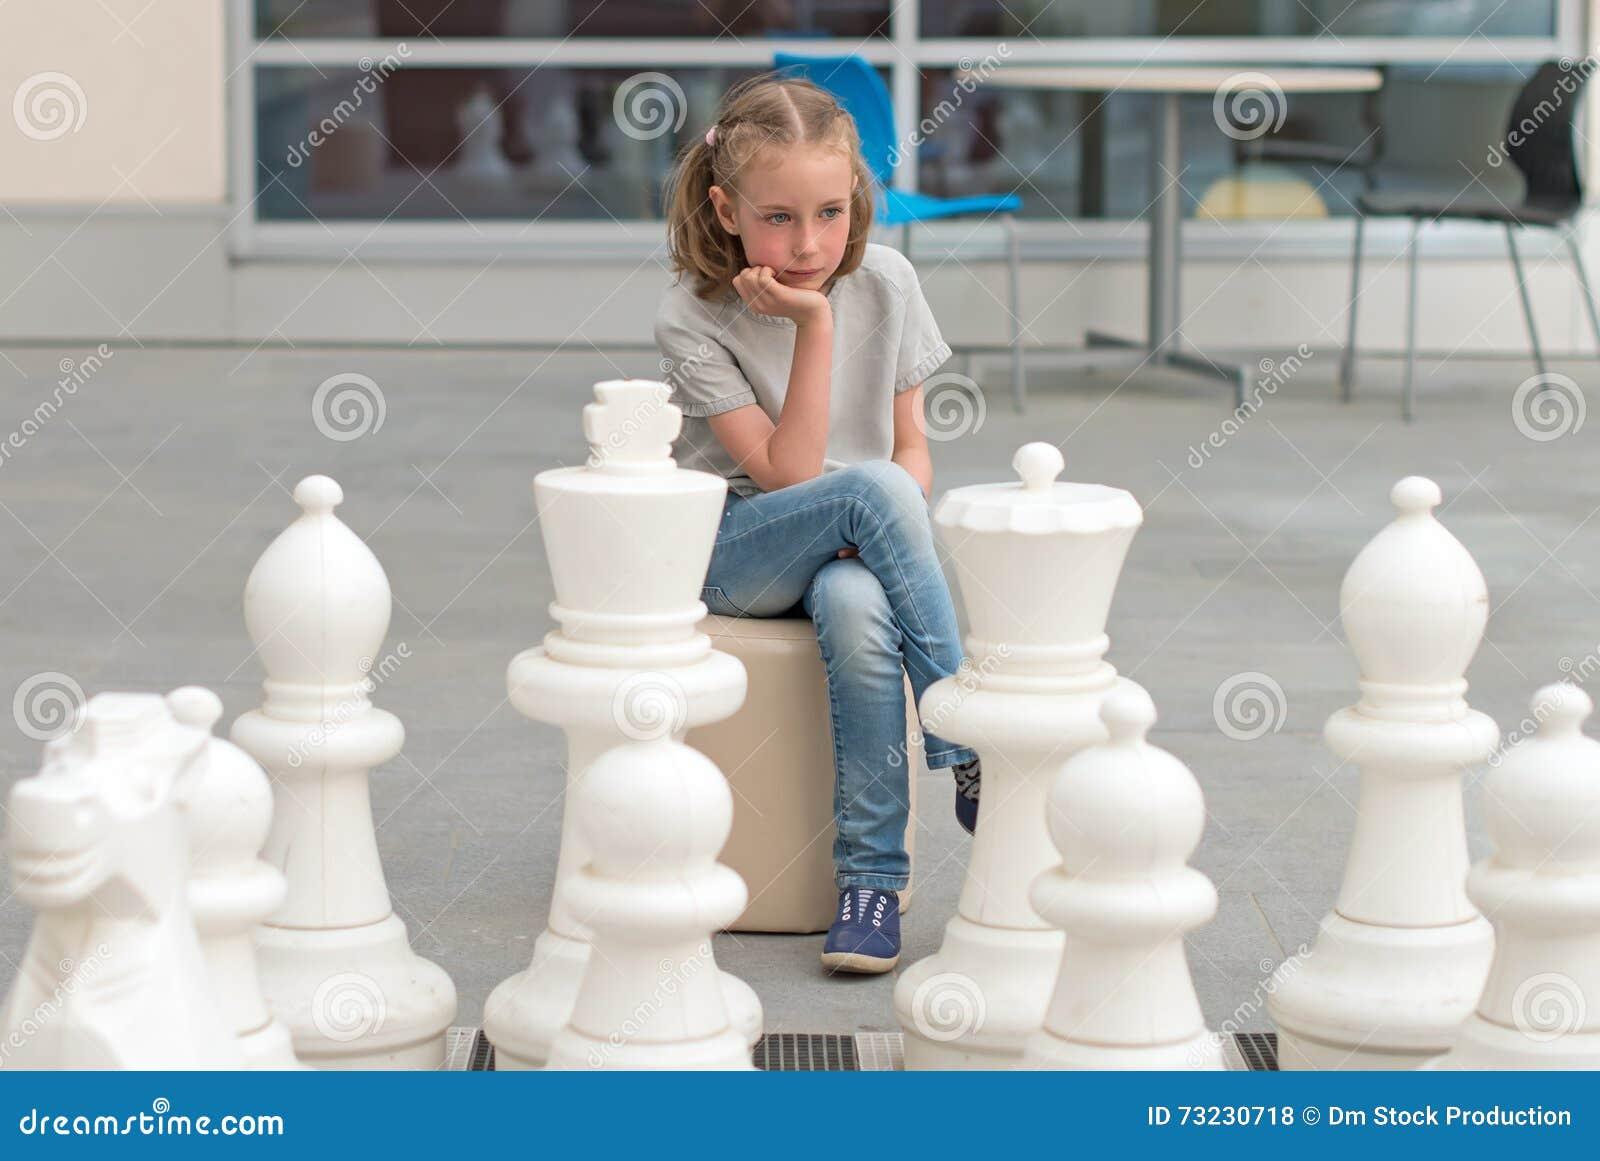 Mała dziewczynka bawić się szachową grę